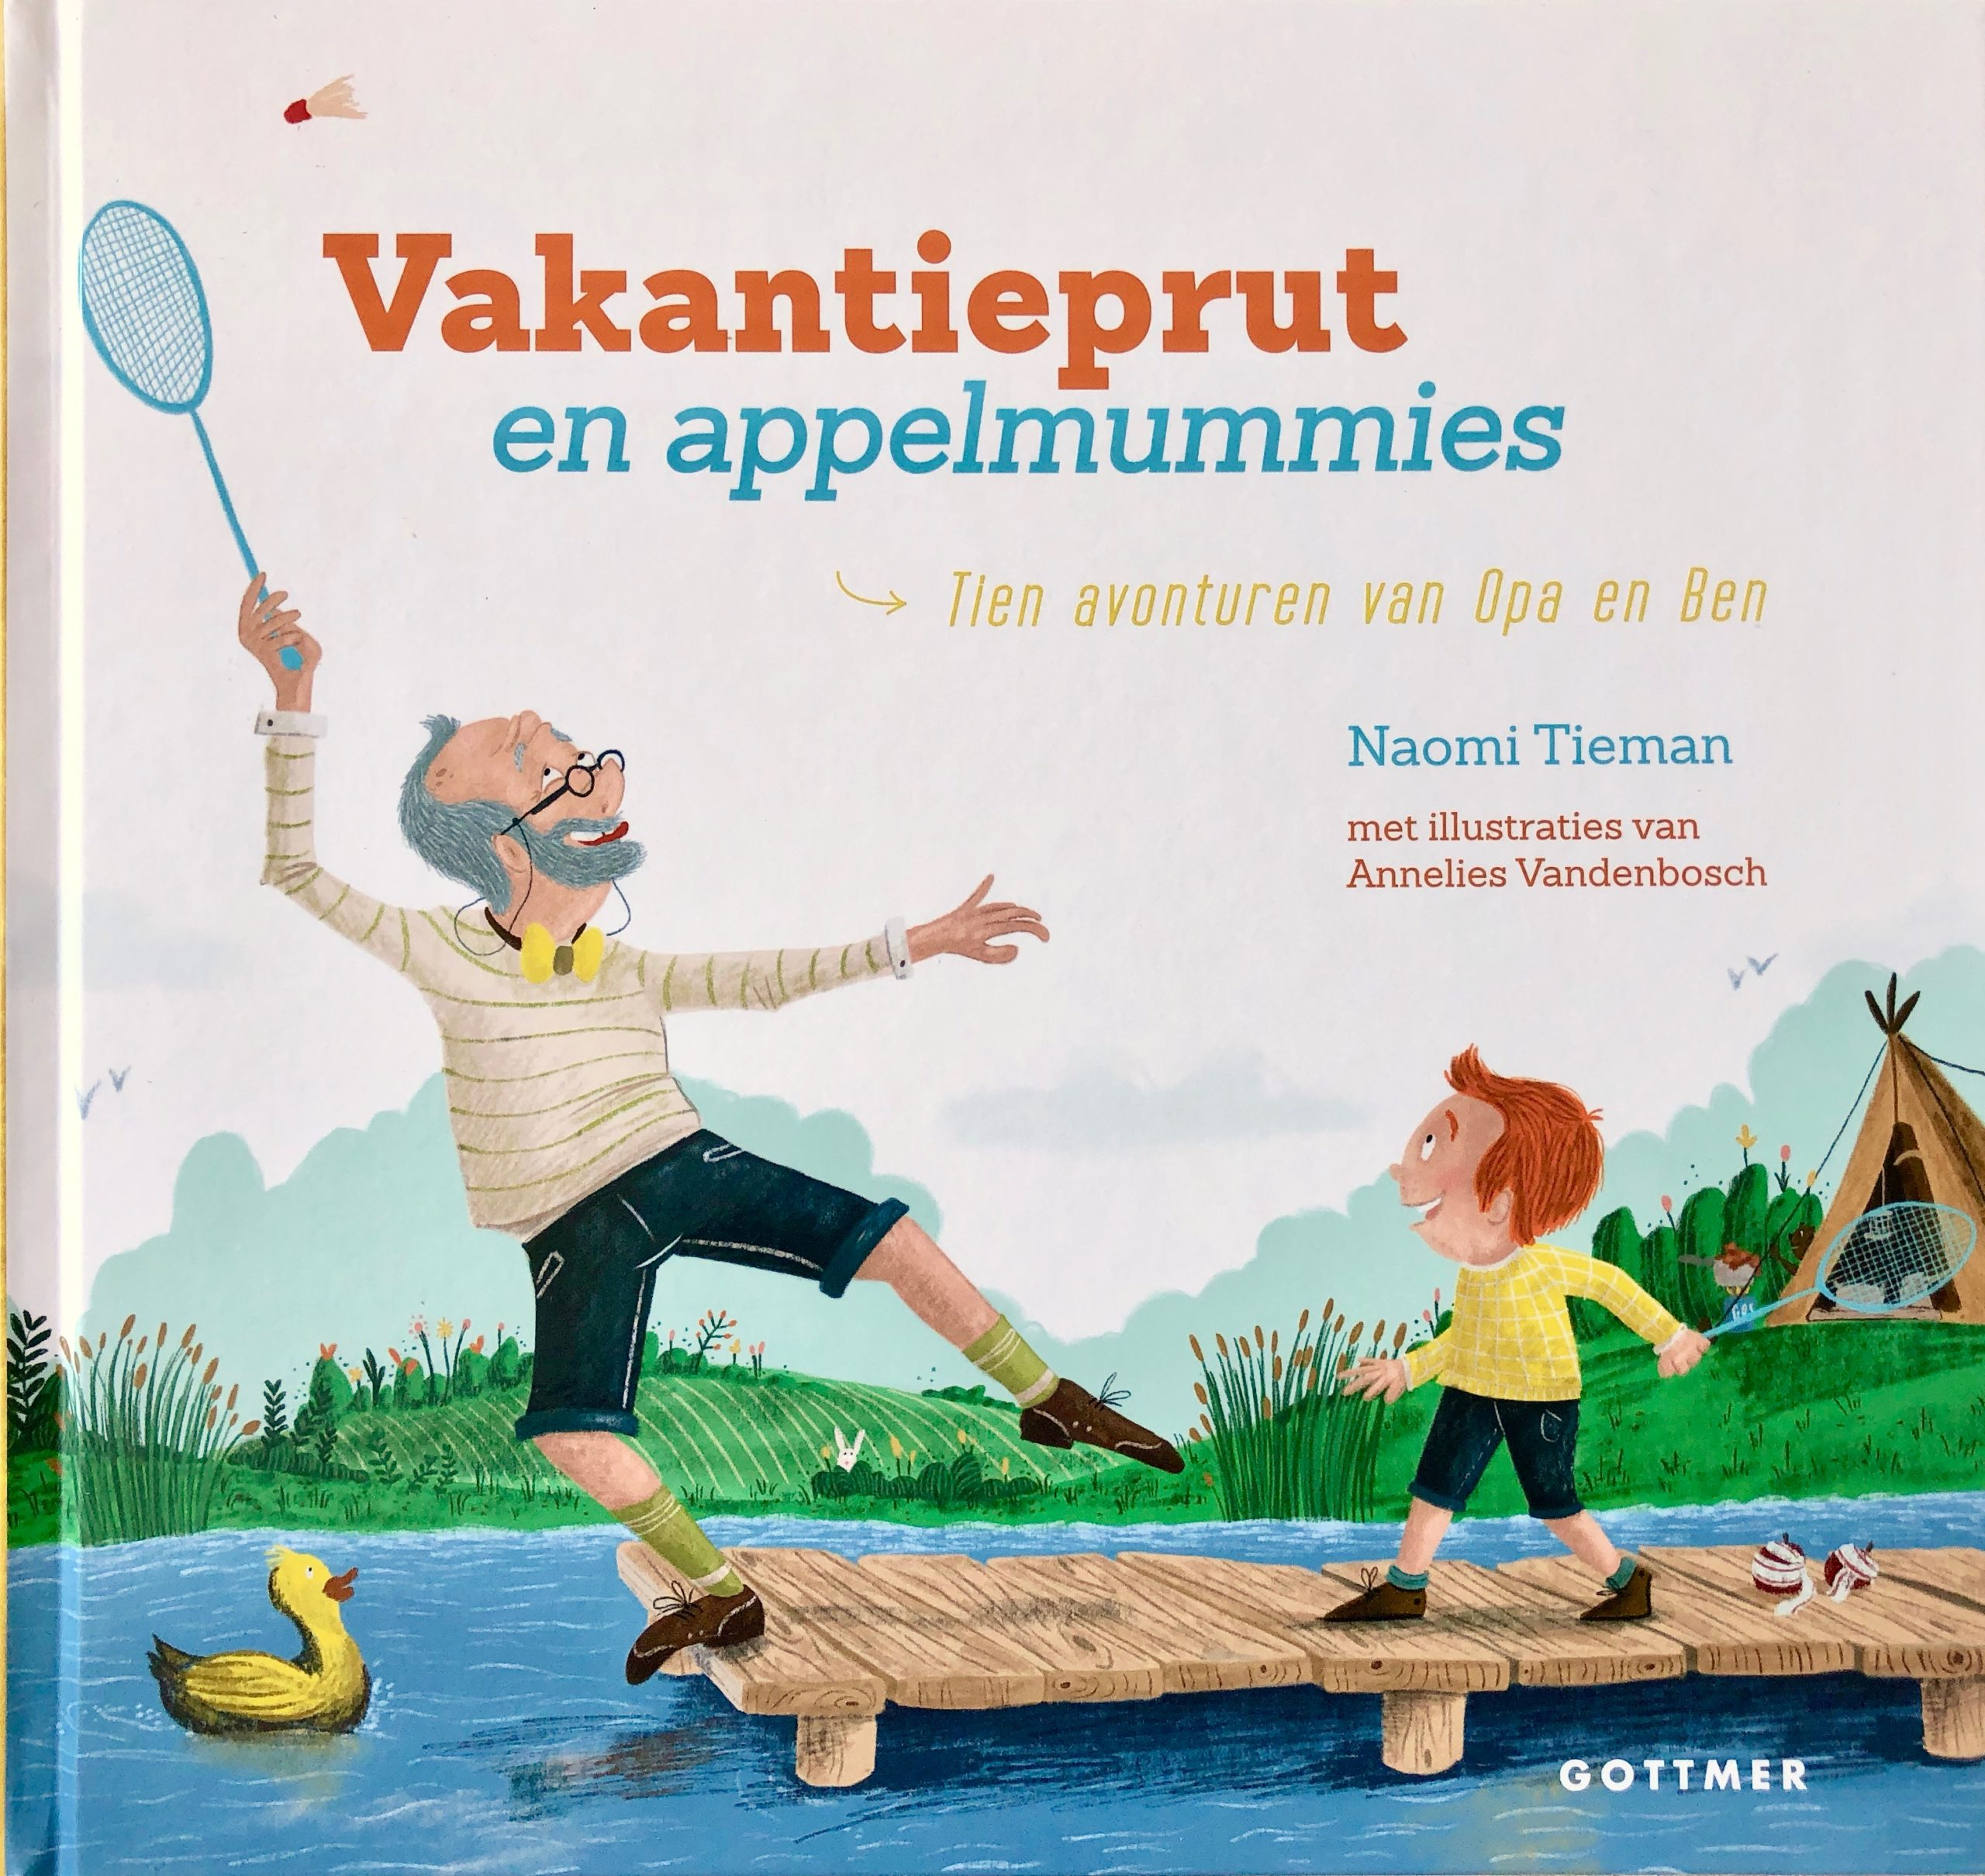 Boek cover van 'Vakantieprut en Appelmummies' geschreven door Naomi Tieman